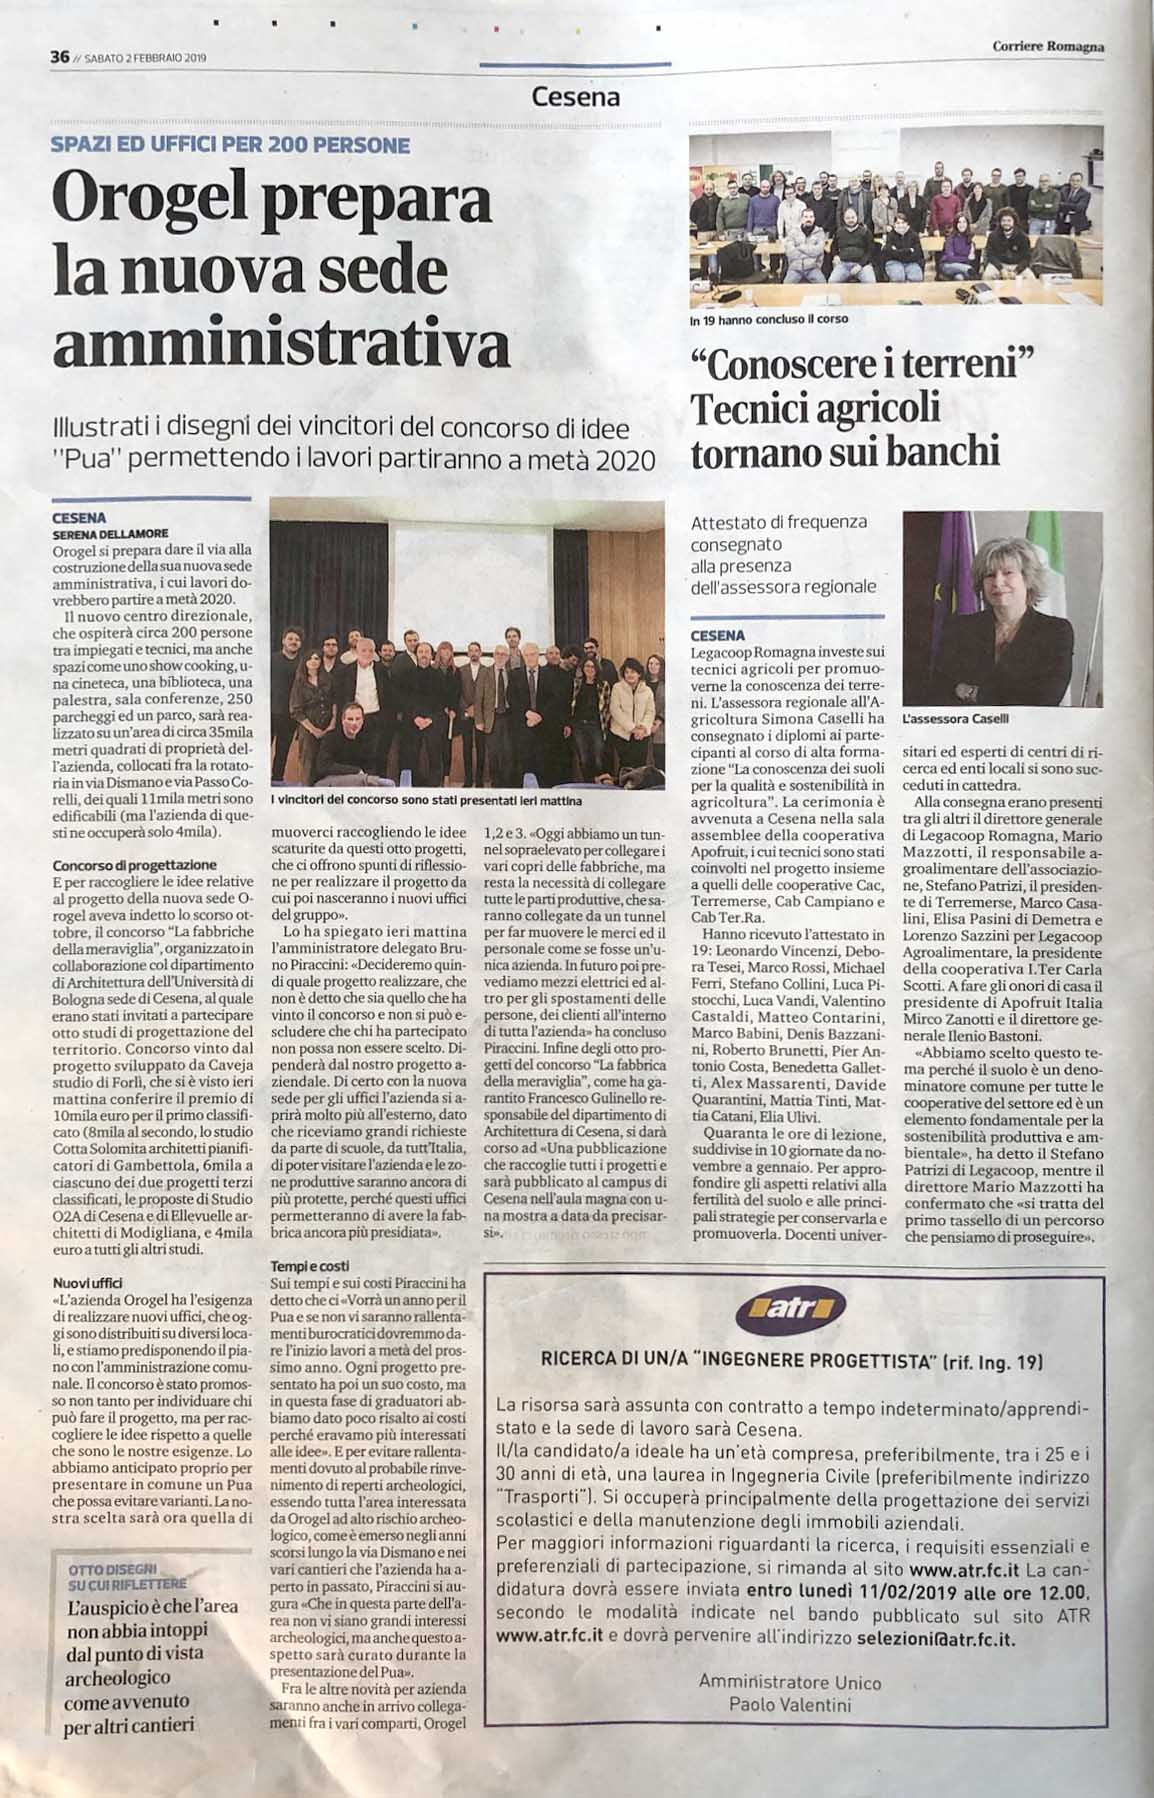 Corriere-di-Romagna-02.02.2019.jpg